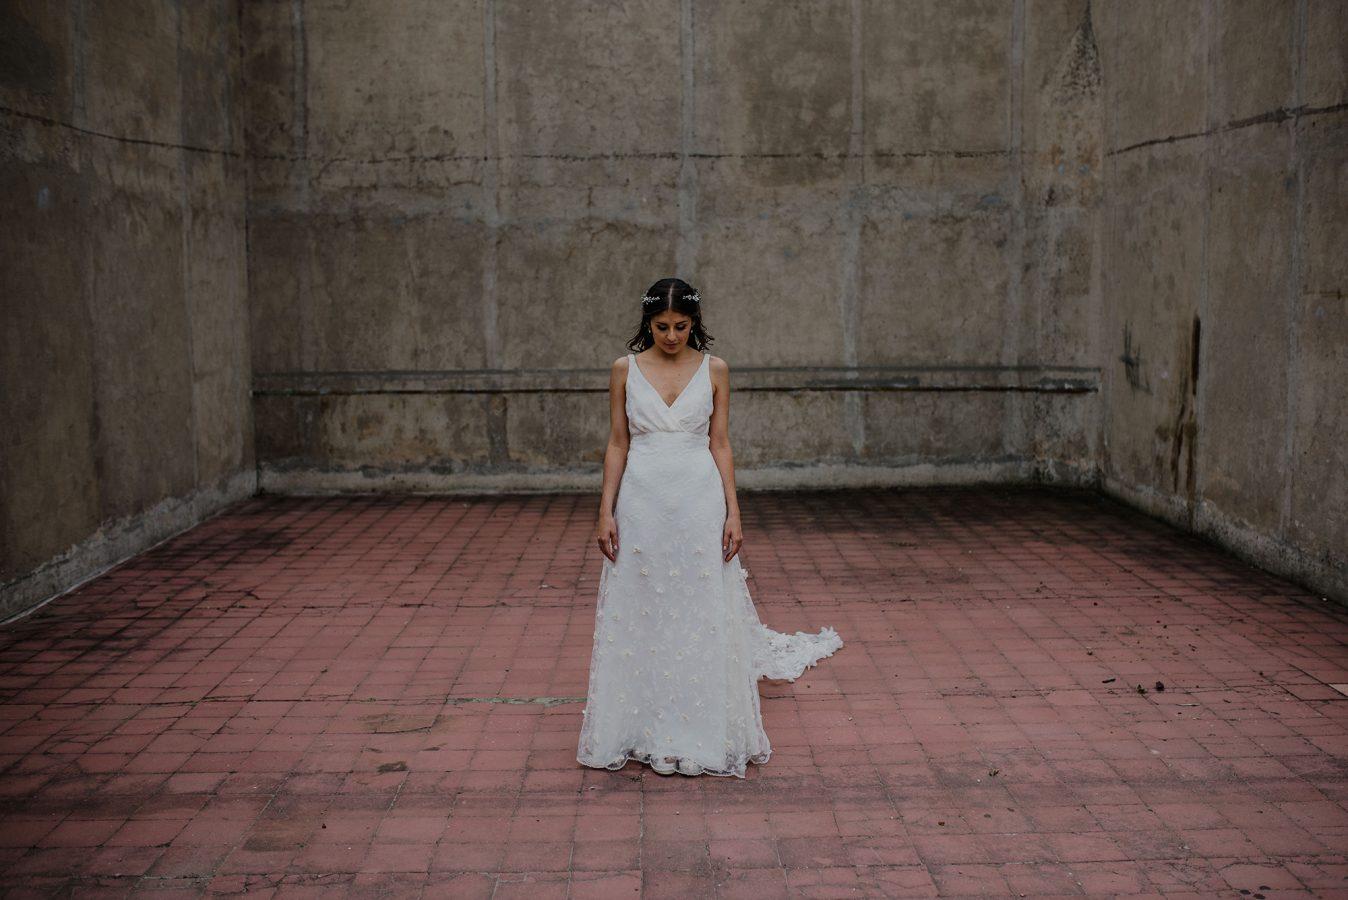 la-baguala-casamientos-uruguay-31